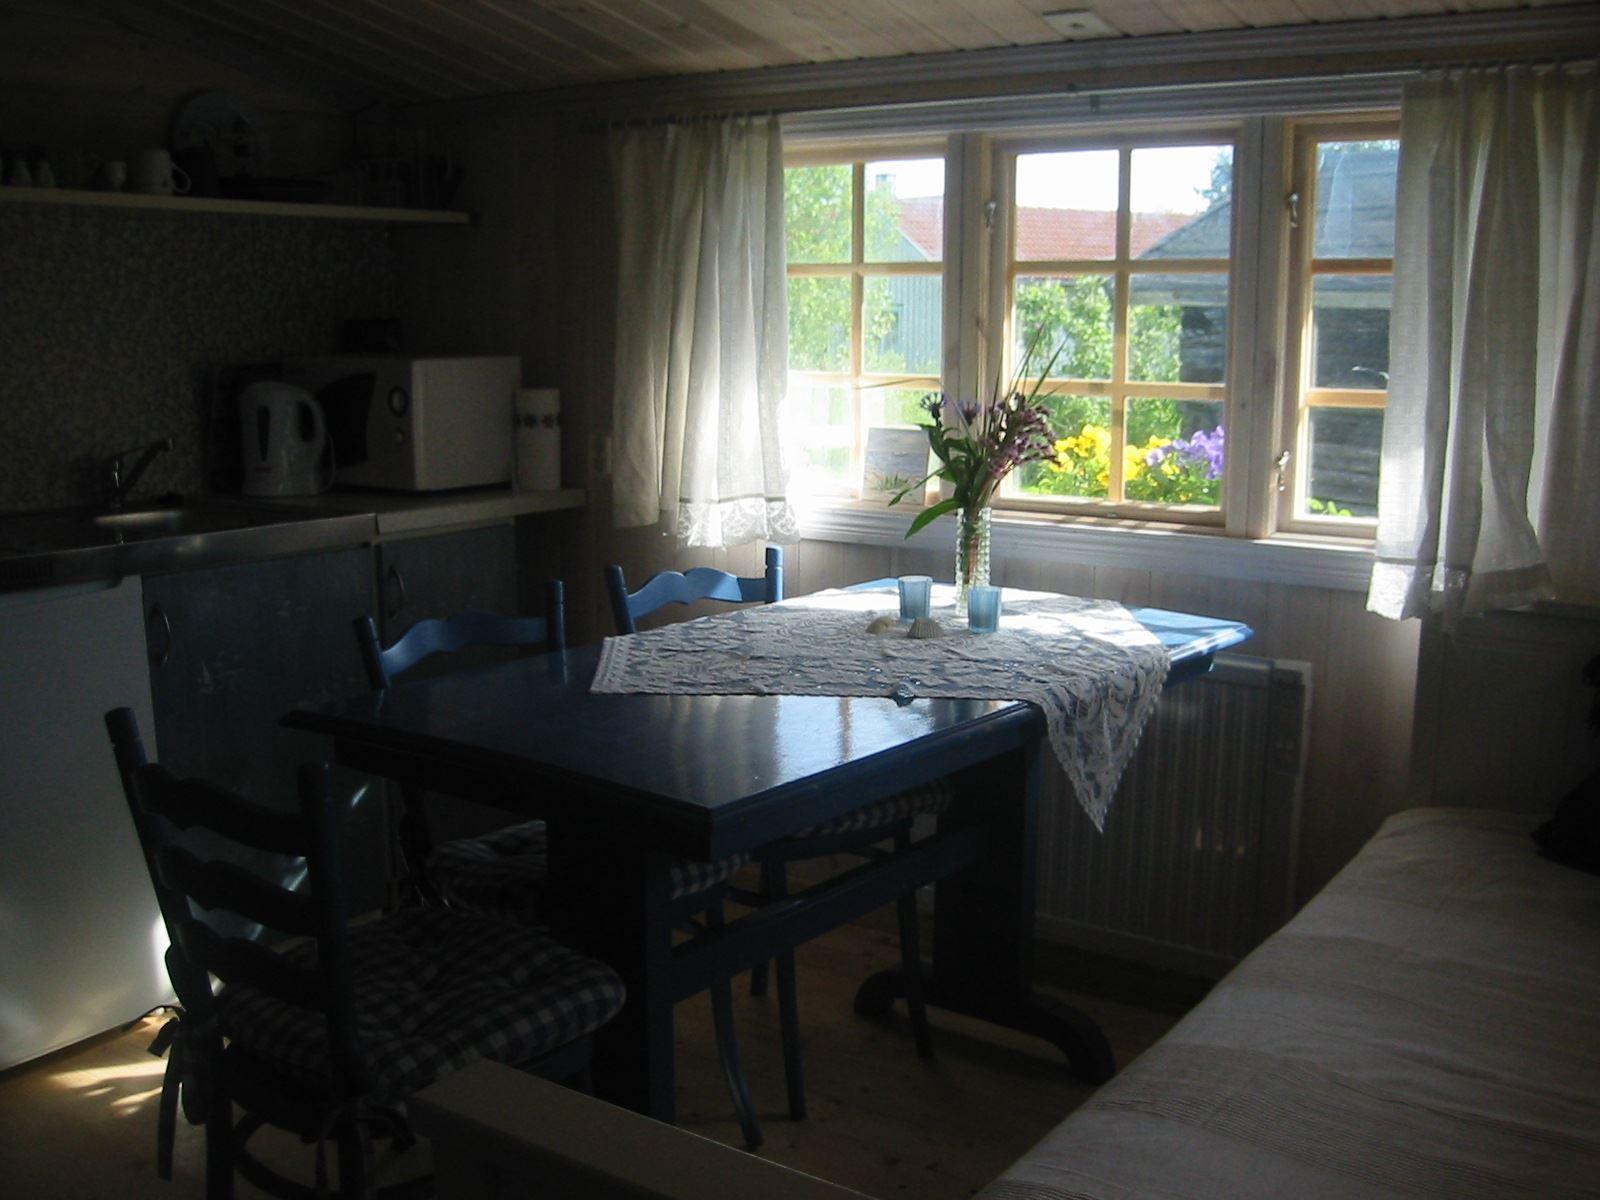 Bo & Kajak i Öregrund - stuguthyrning och aktiviteter